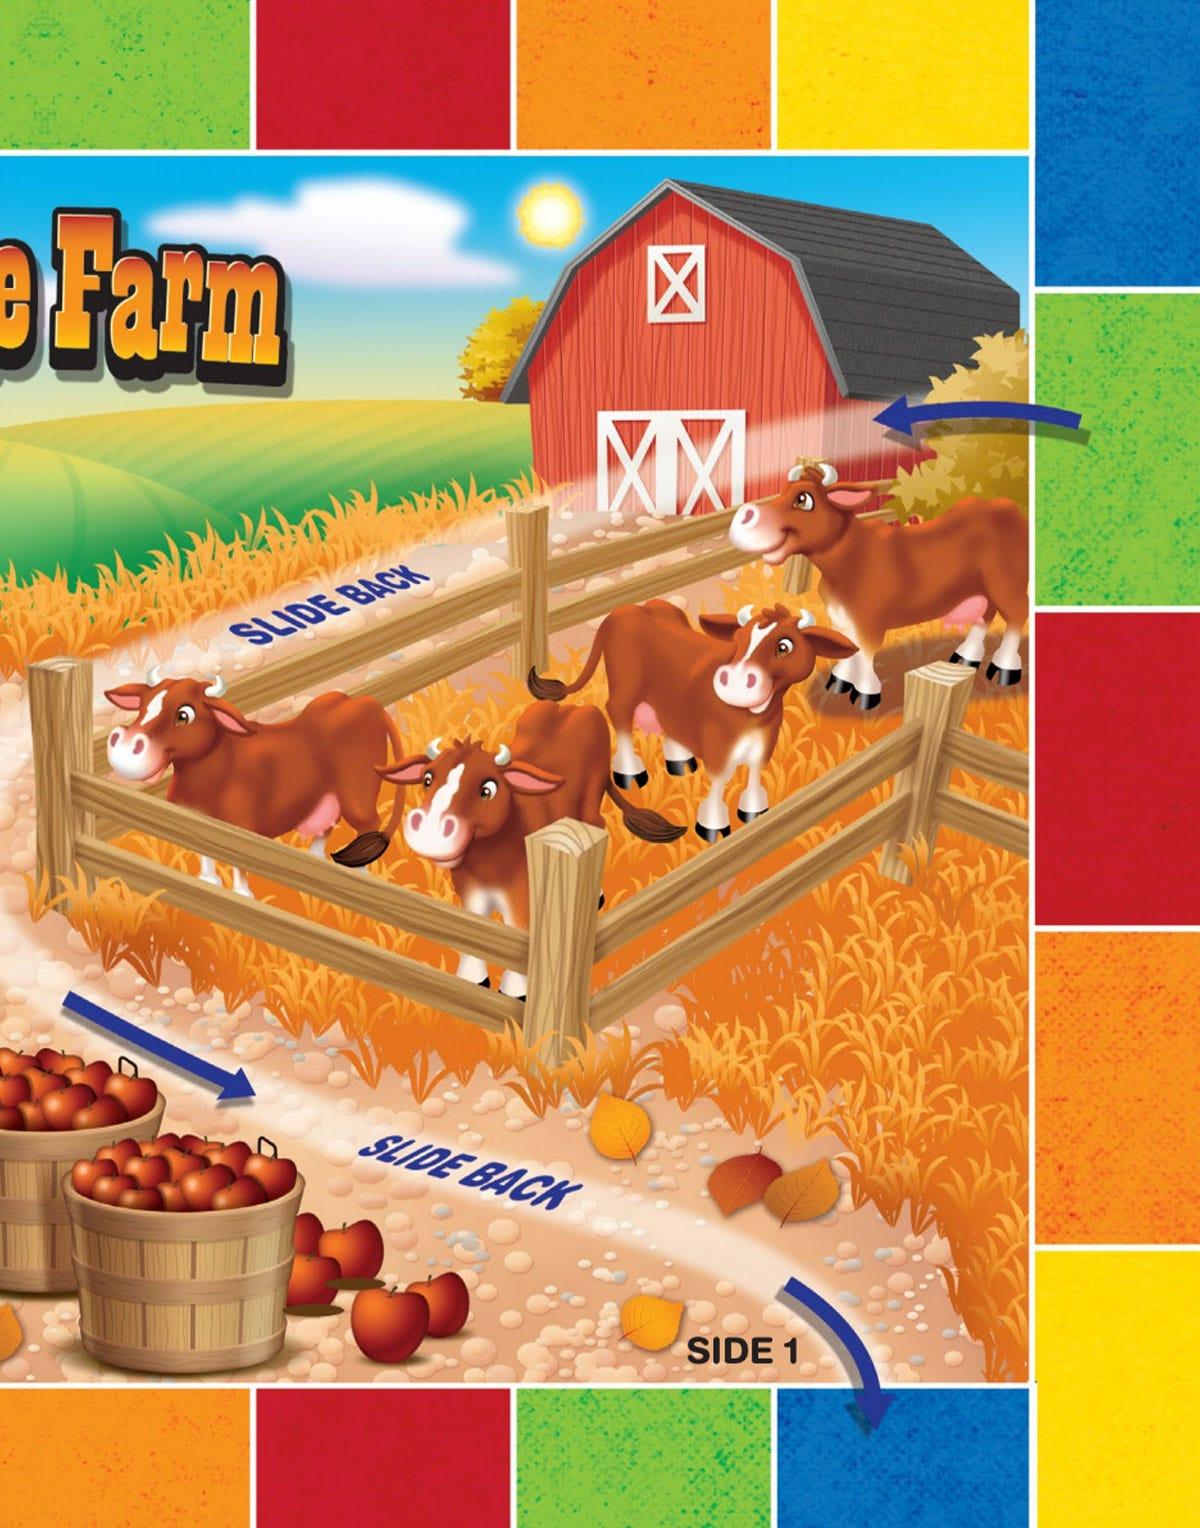 Number Fun Farm Game